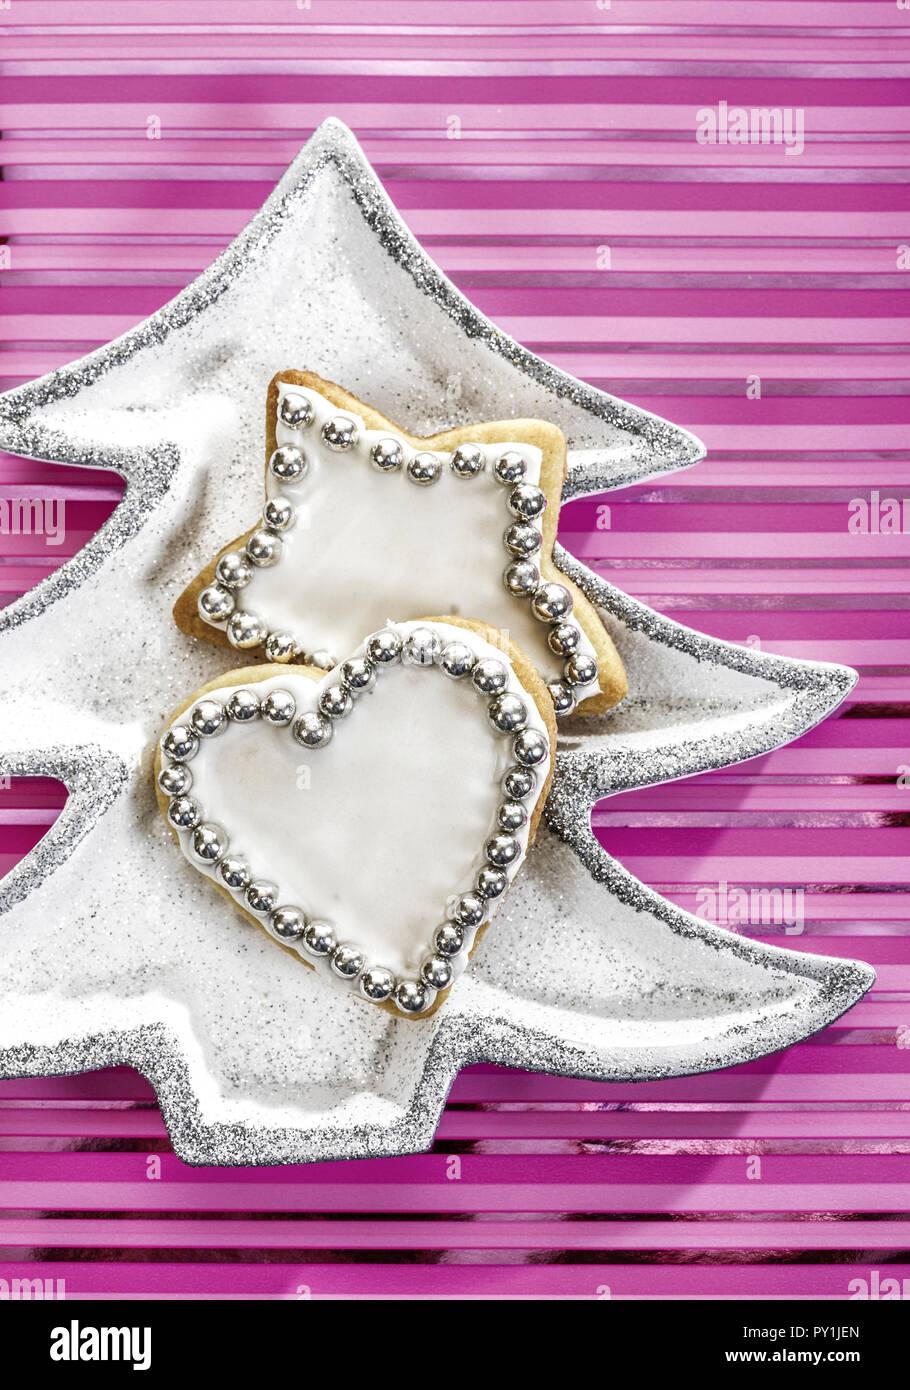 Weihnachtsgebäck 2019.Weihnachtsgebaeck Stock Photos Weihnachtsgebaeck Stock Images Alamy